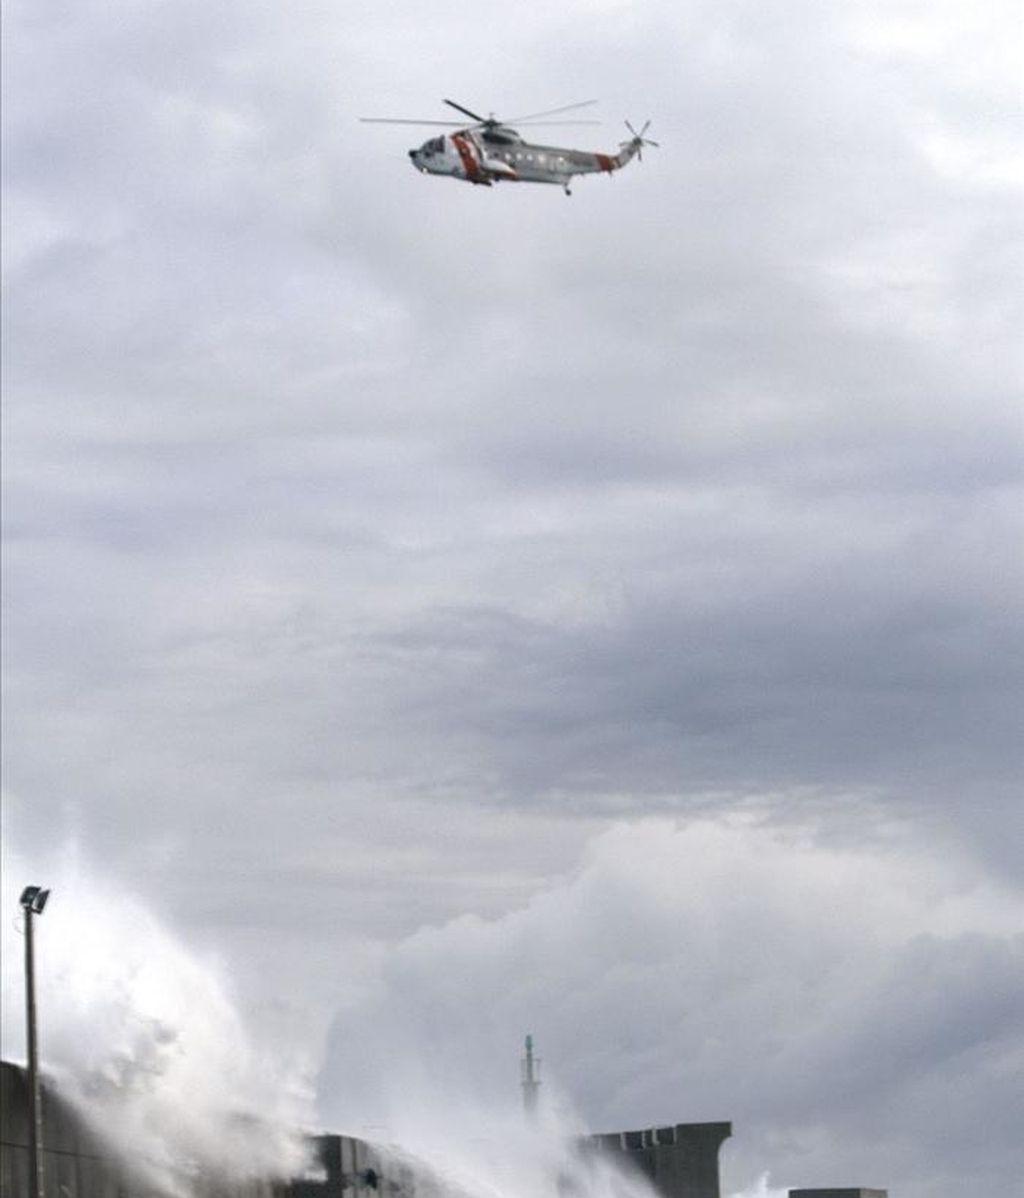 Un helicóptero de Salvamento Marítimo realiza labores de búsqueda en Galicia. EFE/Archivo